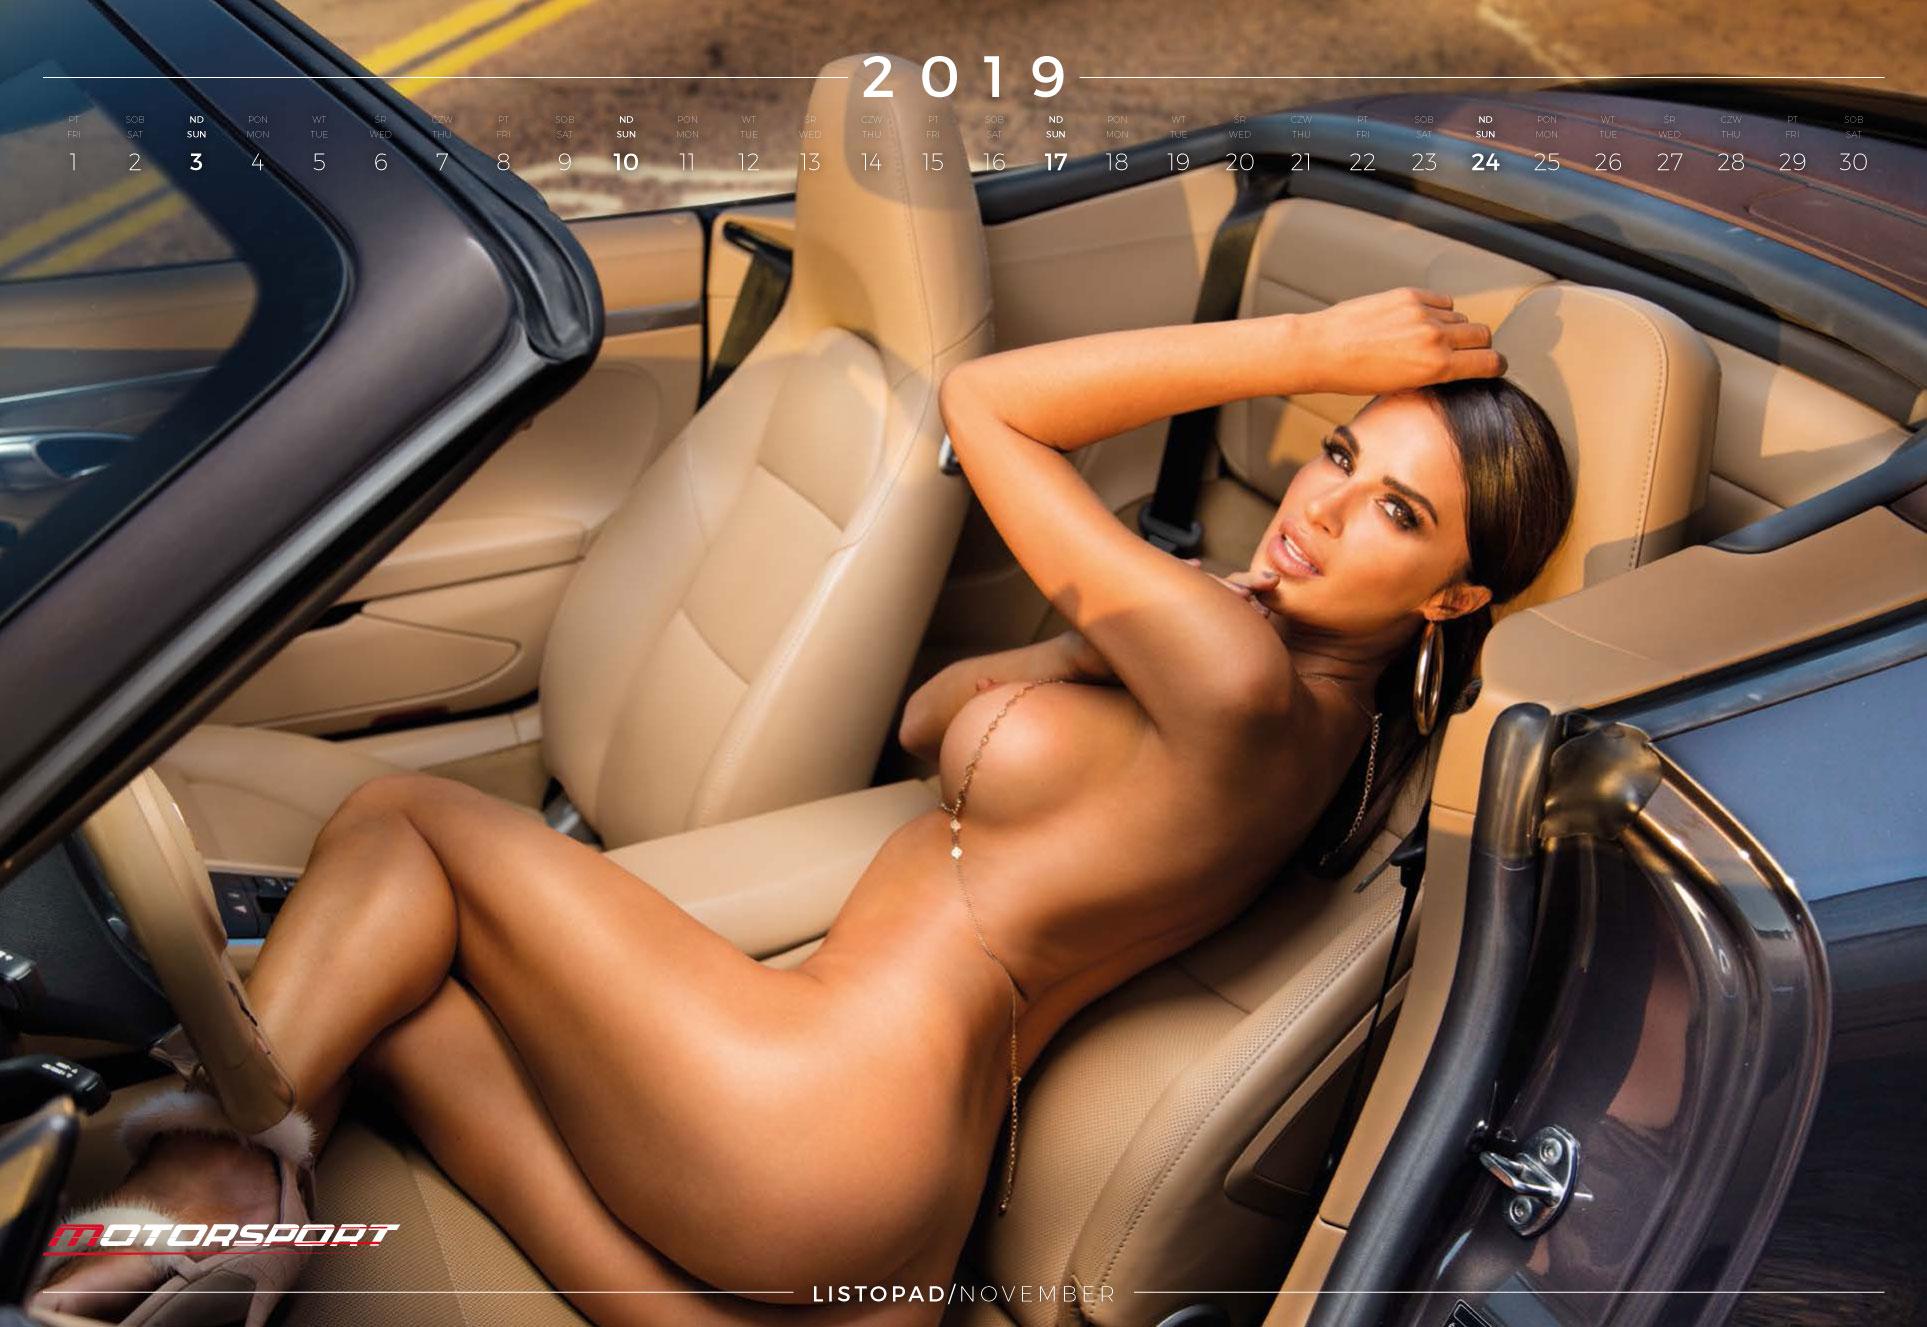 ноябрь - эротический календарь 2019 Inter Cars SA / польский дистрибьютор автомобилей, сопутствующих товаров и запчастей